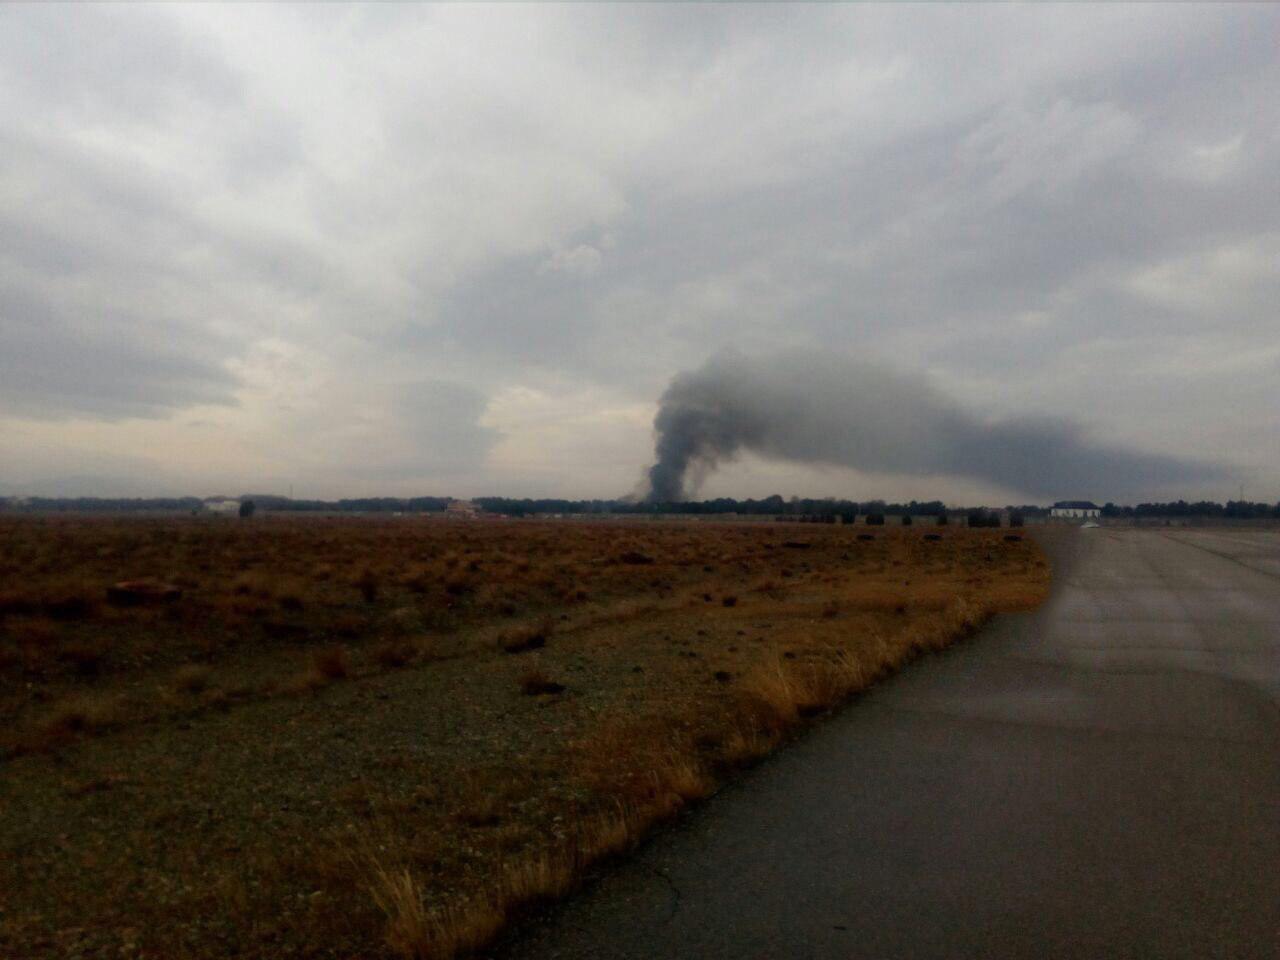 سقوط هواپیمای غیرمسافربری در صفادشت کرج  تصاویر